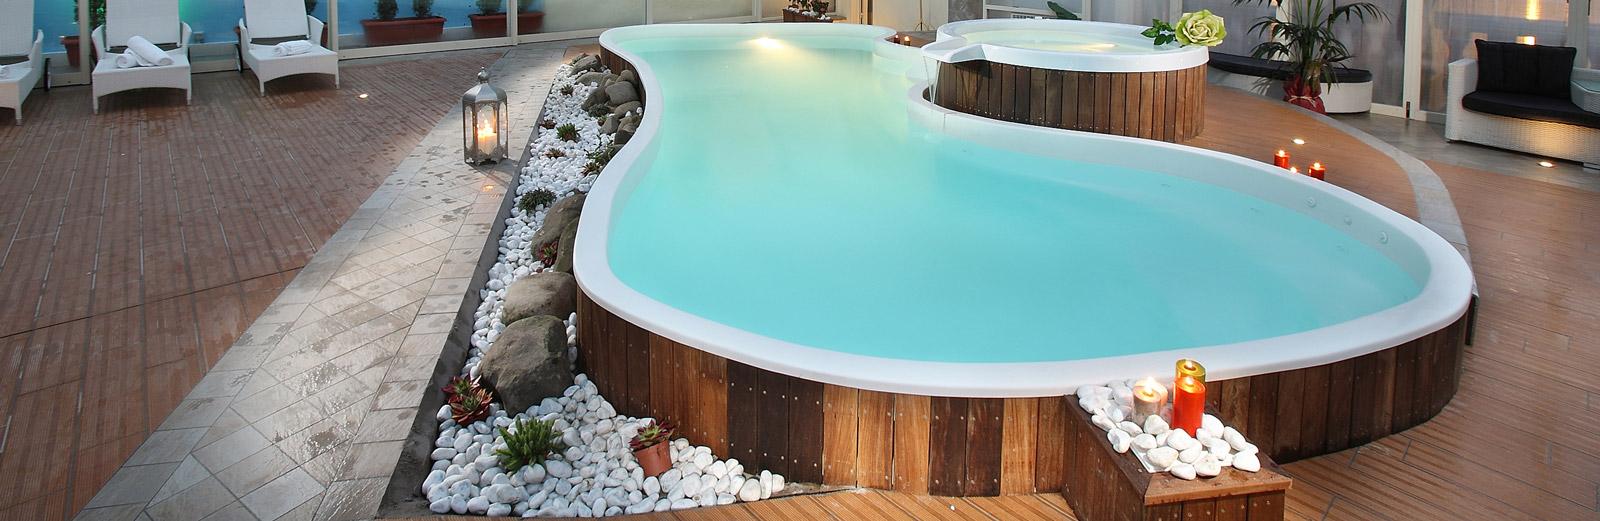 Hotel manzoni montecatini terme piscina coperta ed esterna - Piscine termali montecatini ...